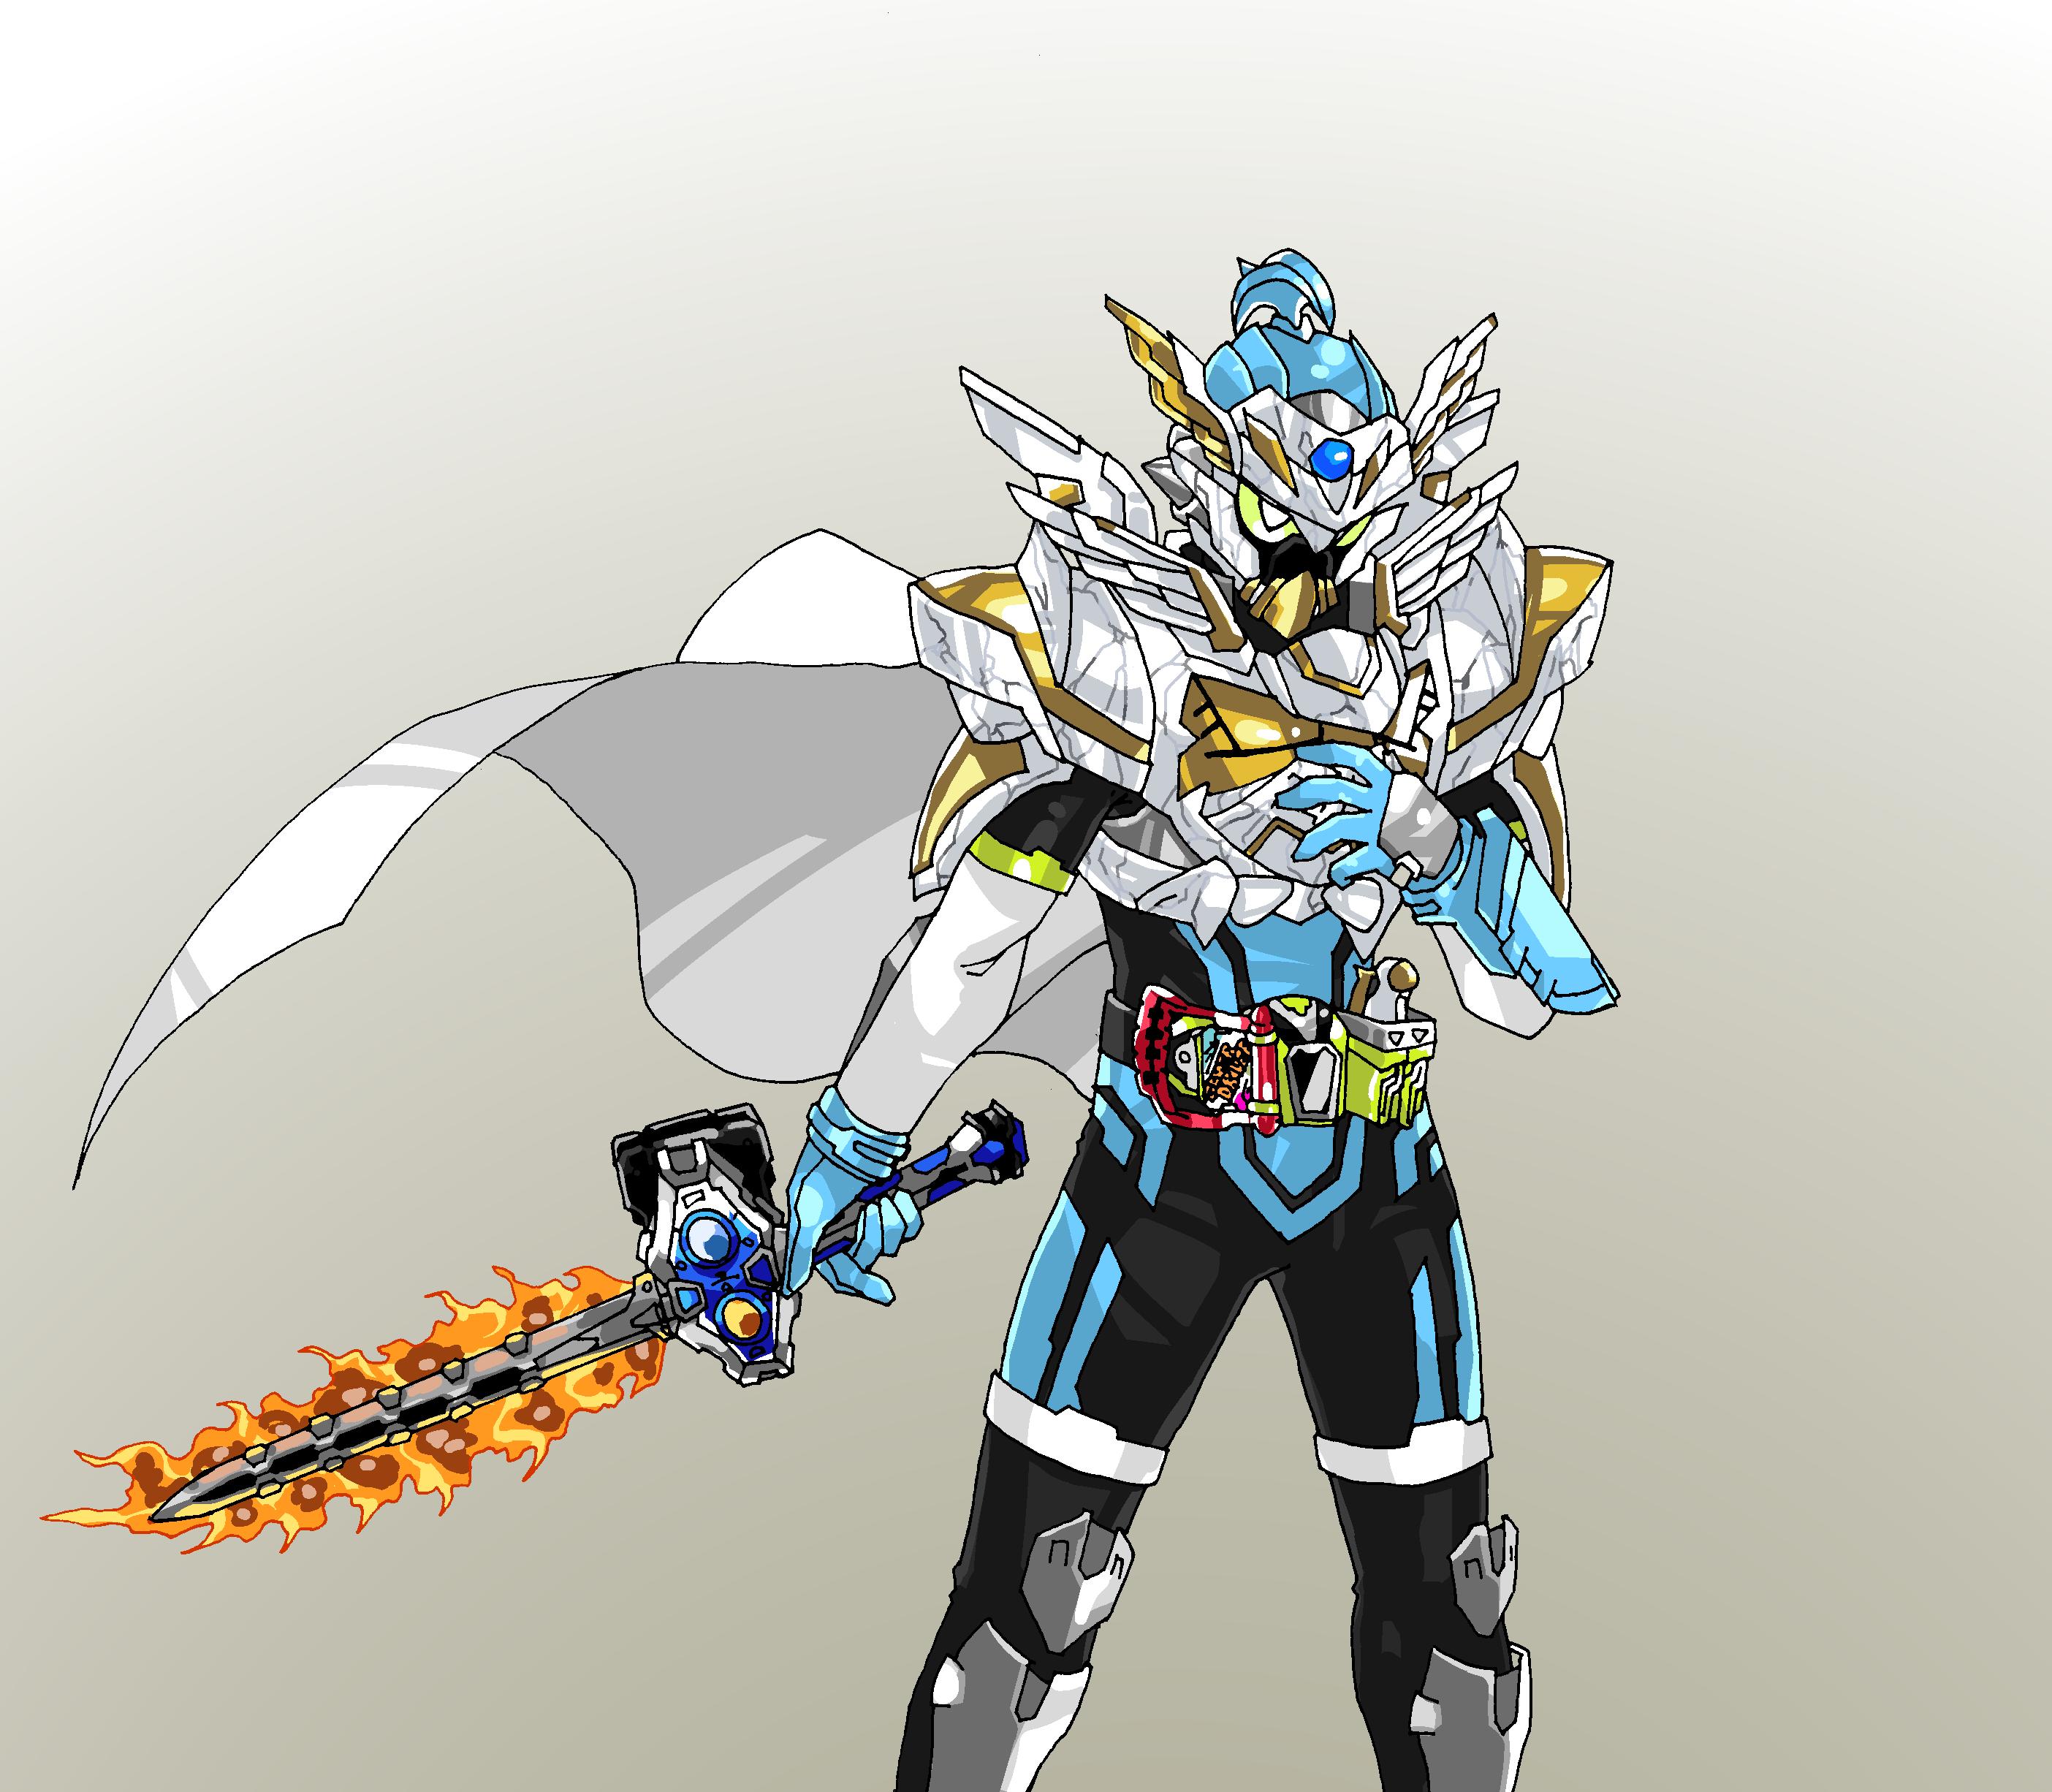 KR ex aid image by asri Kamen rider ex aid, Kamen rider